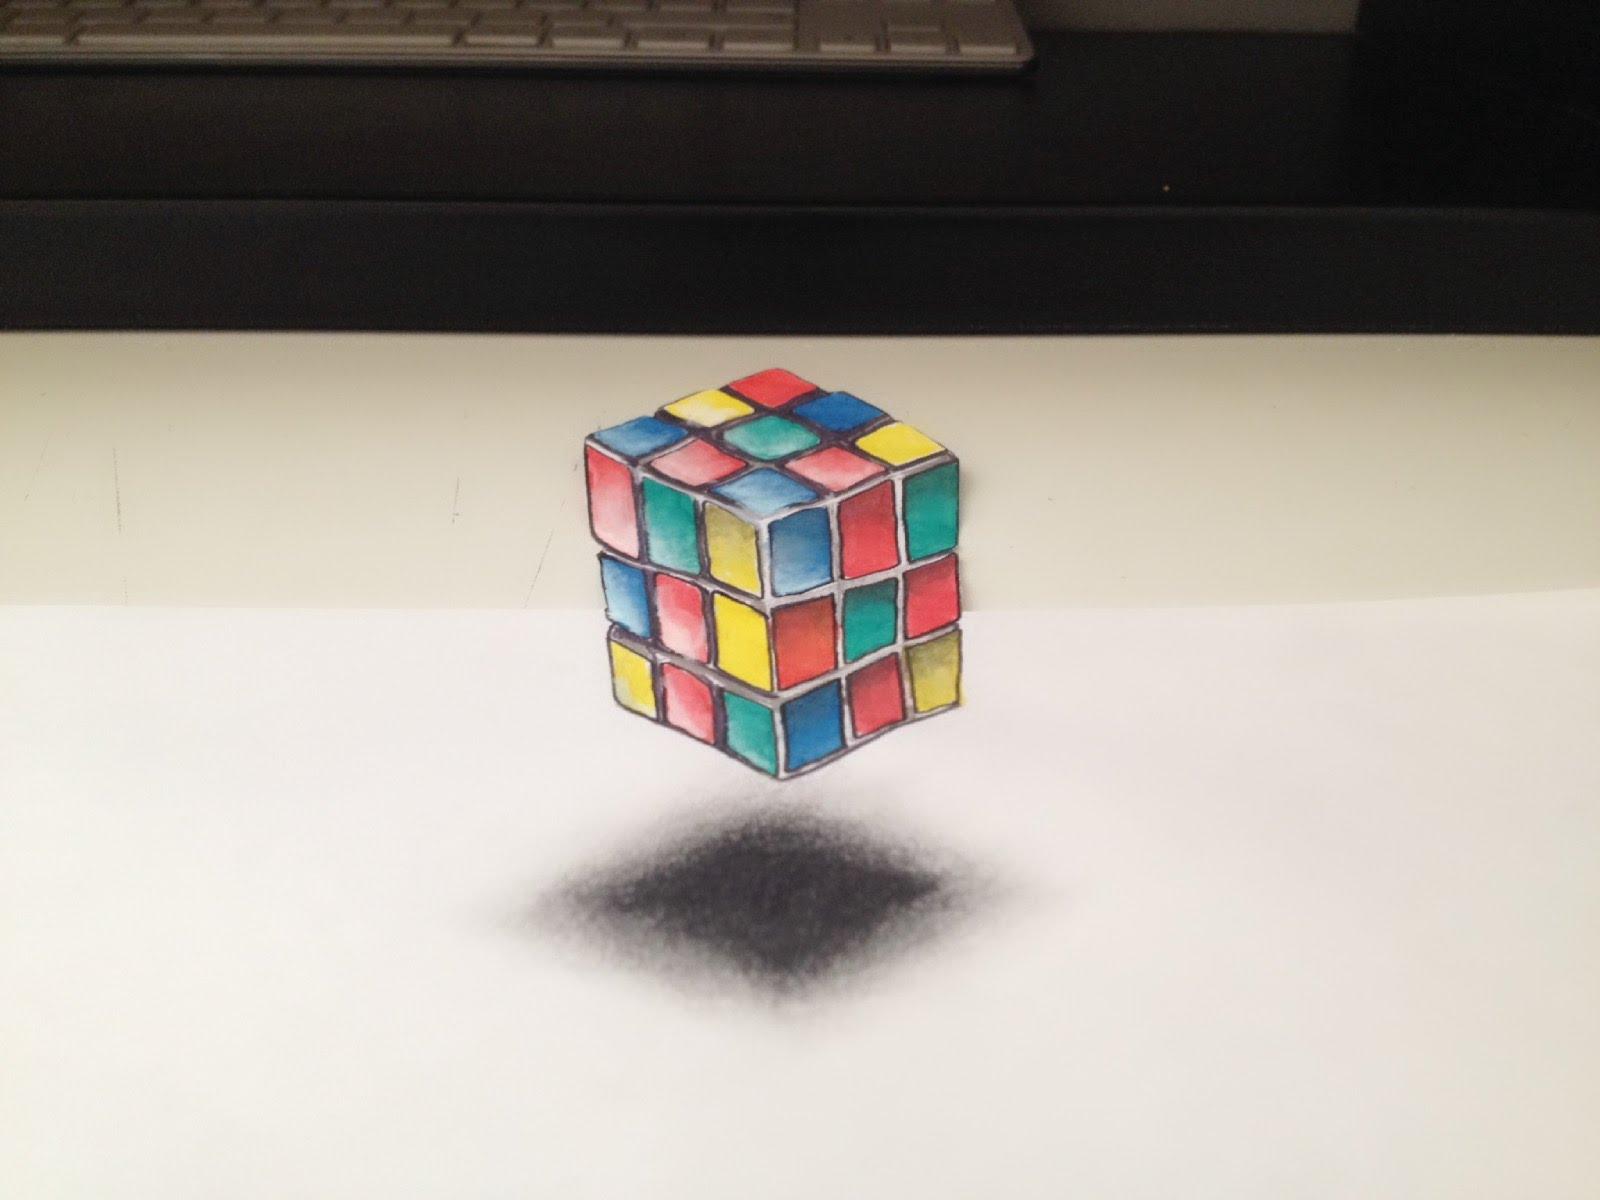 Cube Rubik's Illusion 3D YouTube